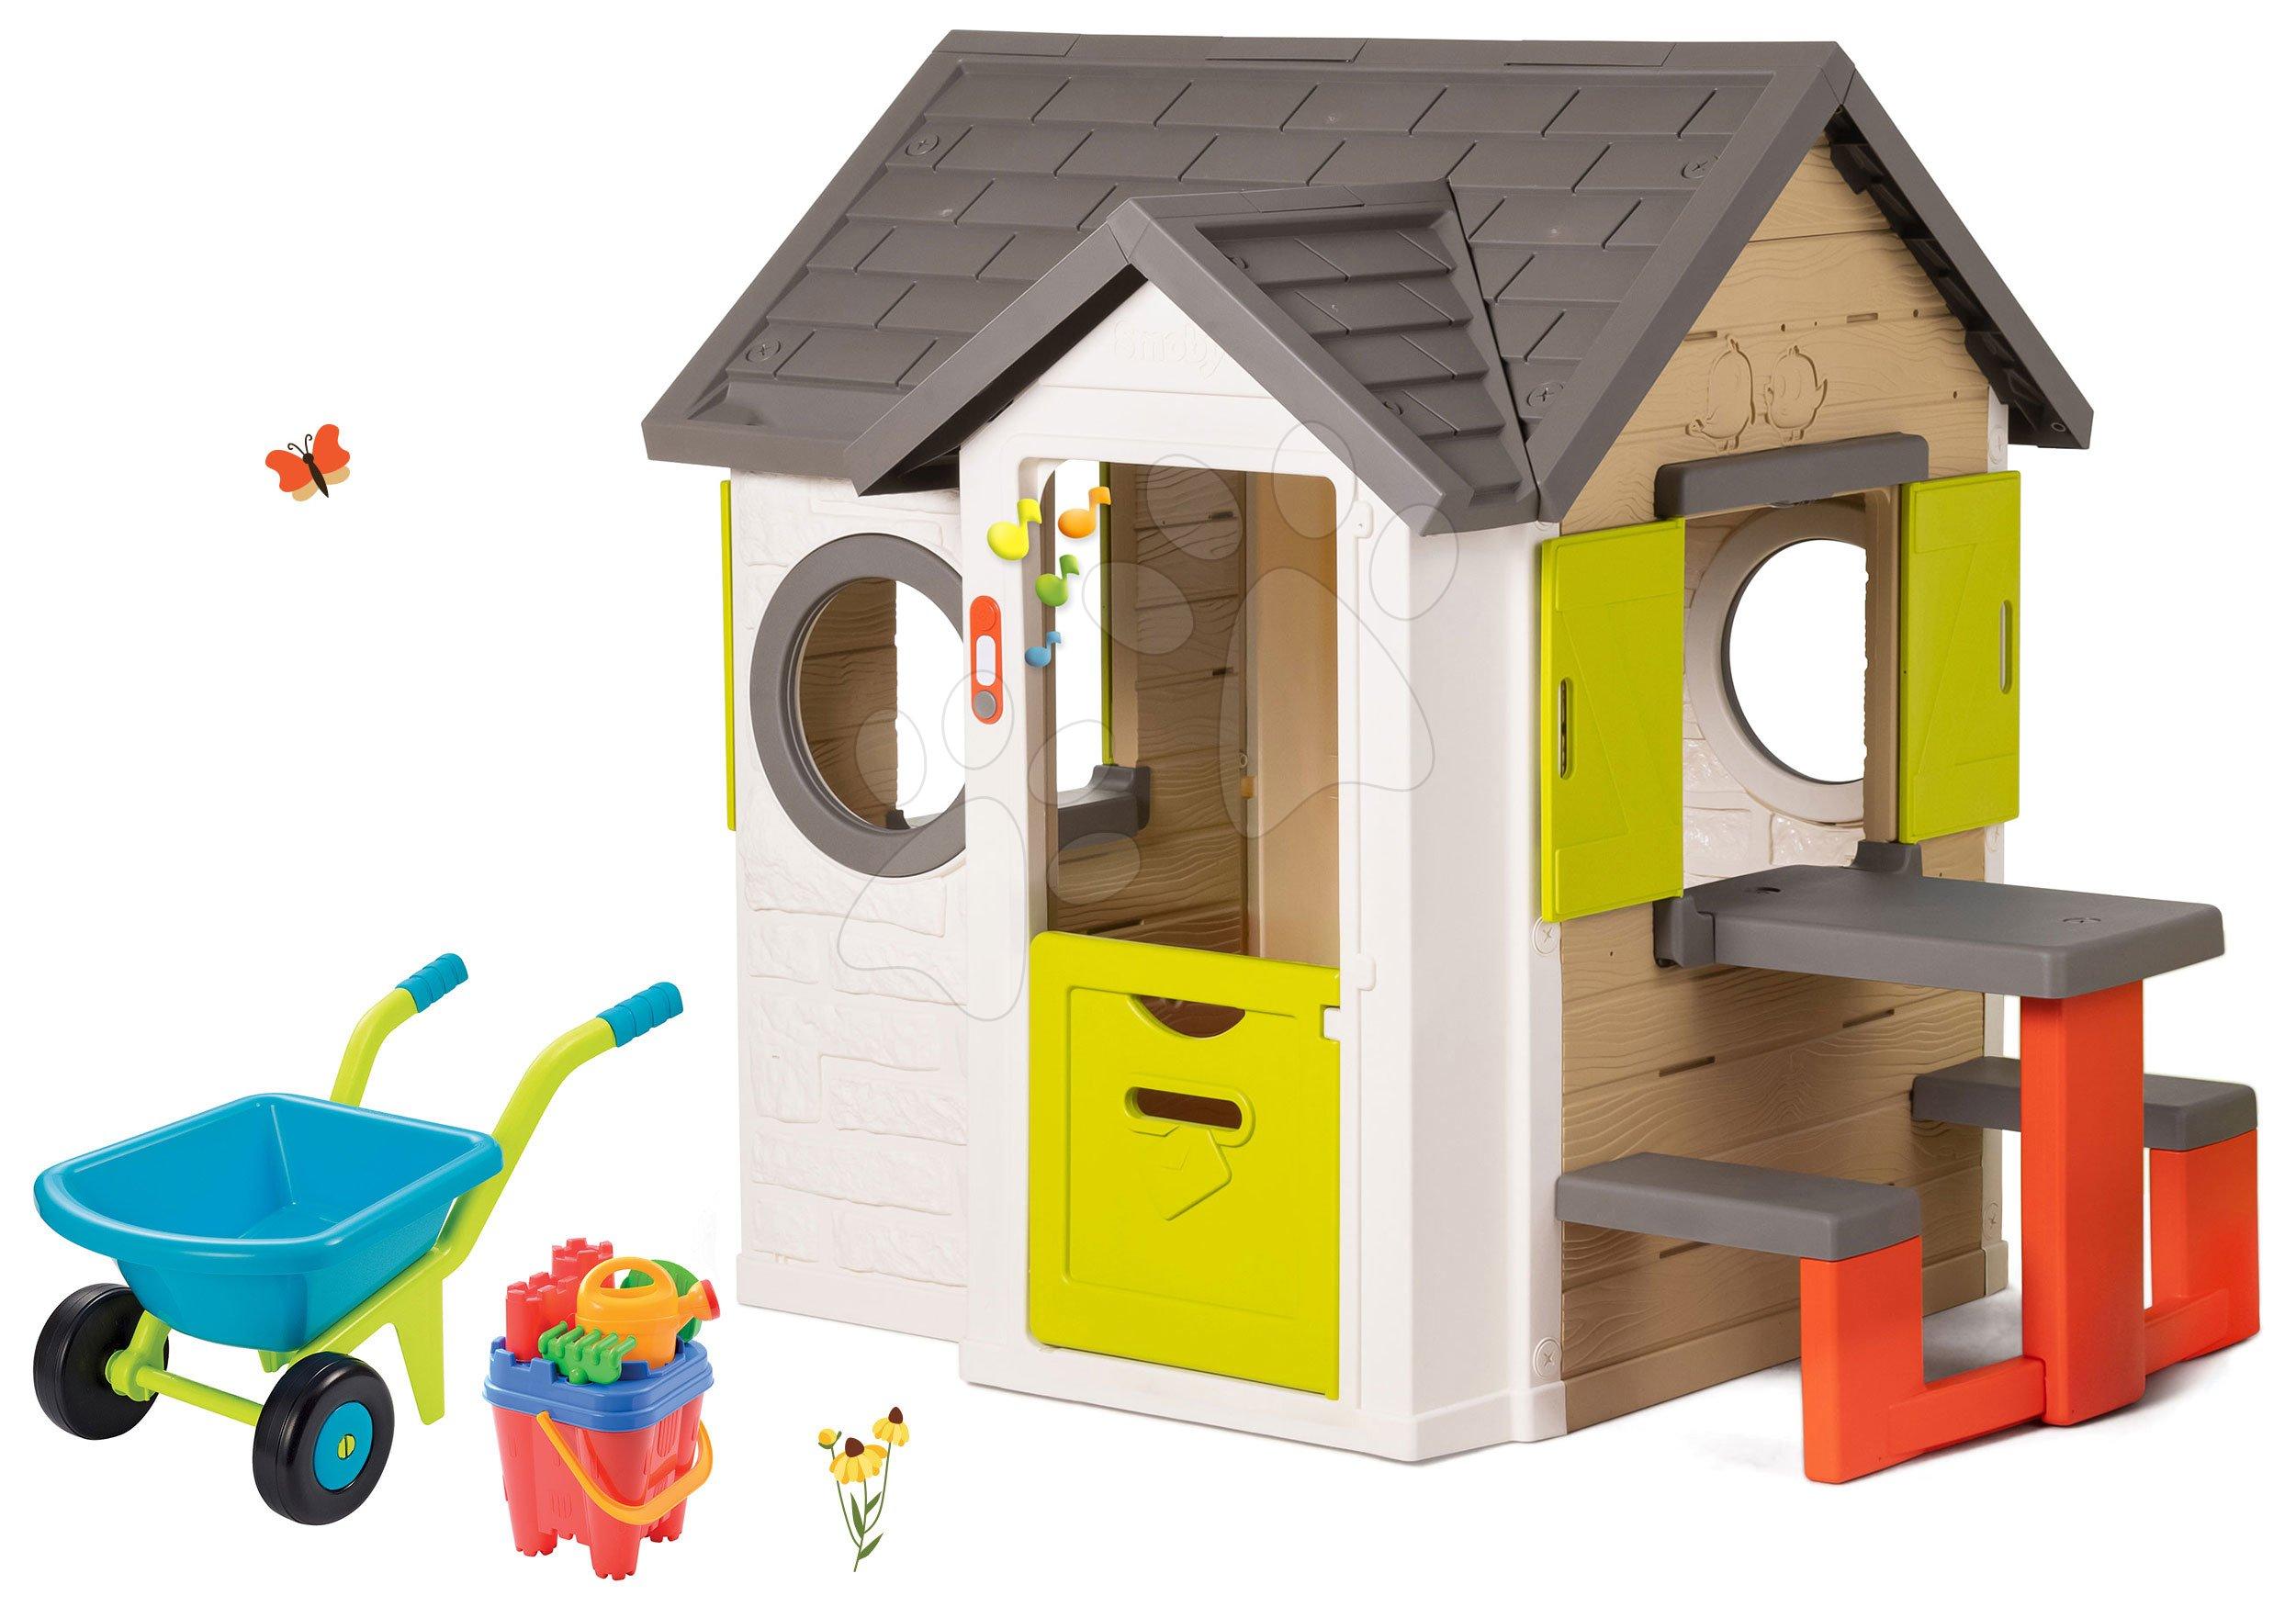 Domčeky s náradím - Set domček My Neo House DeLuxe Smoby so zvončekom a zadným vchodom, fúrik s vedierkom